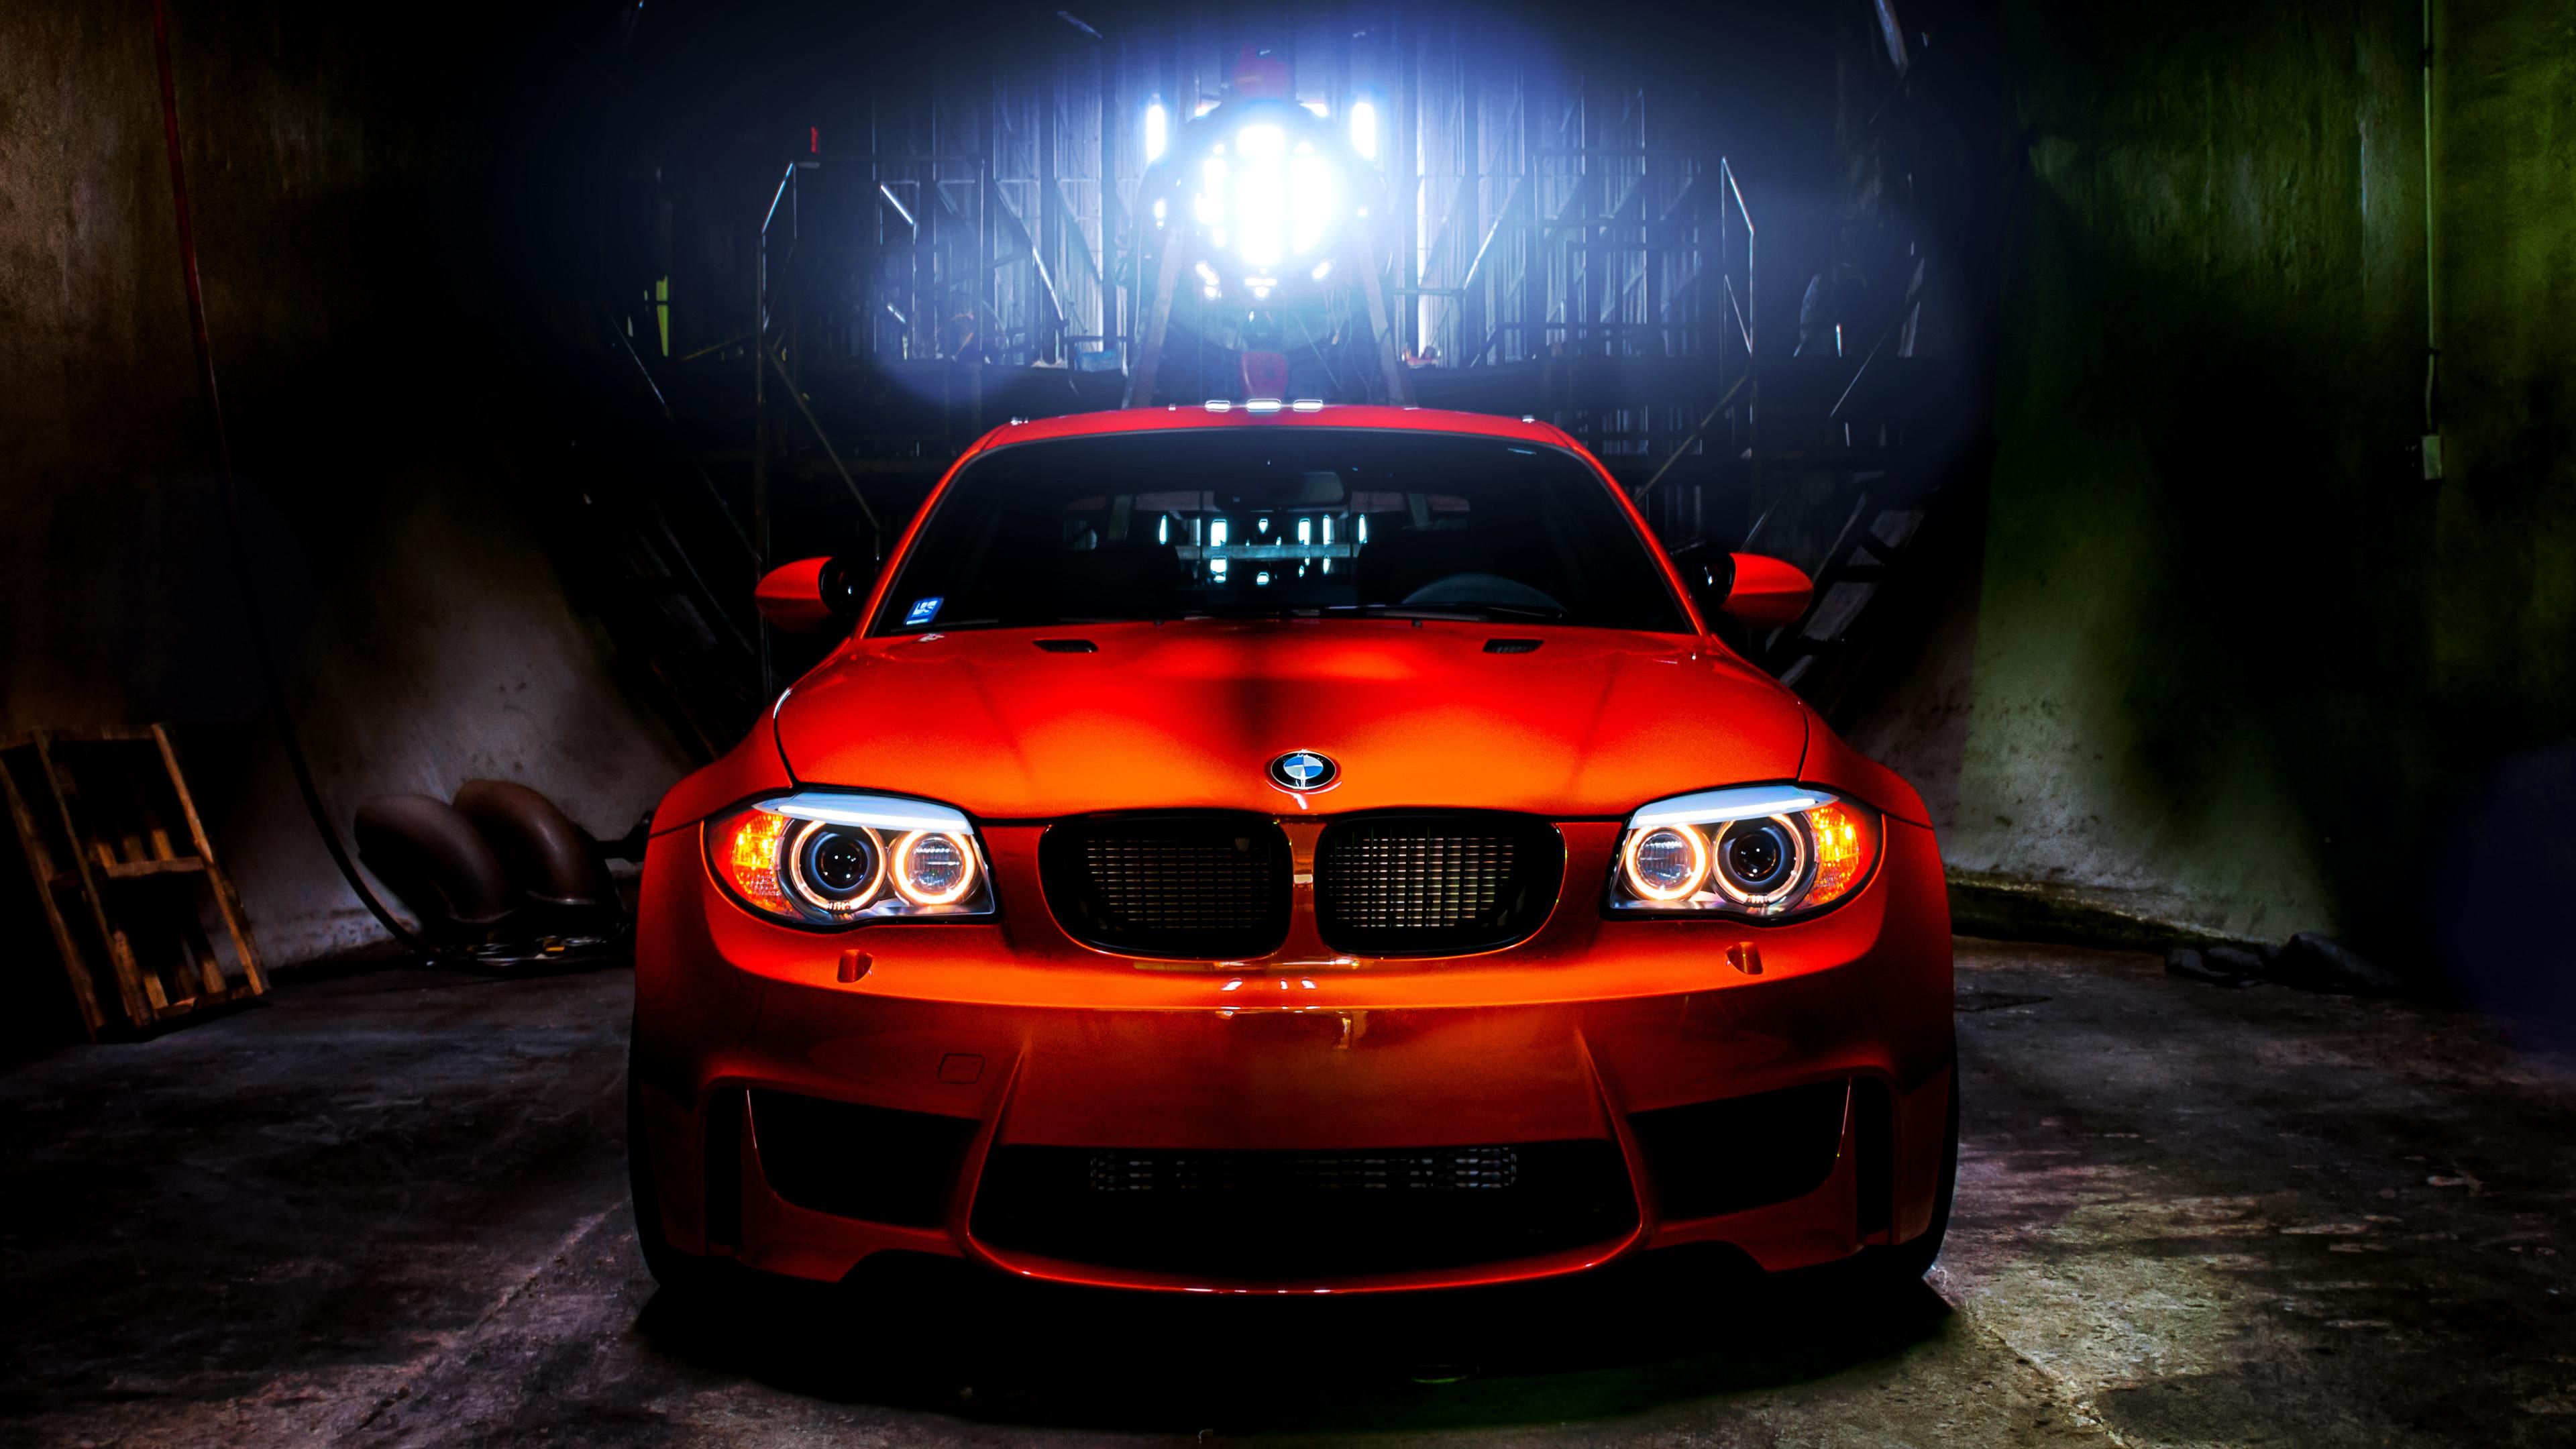 BMW 1MRelated Car Wallpapers wallpaper cars Wallpaper Better 3840x2160